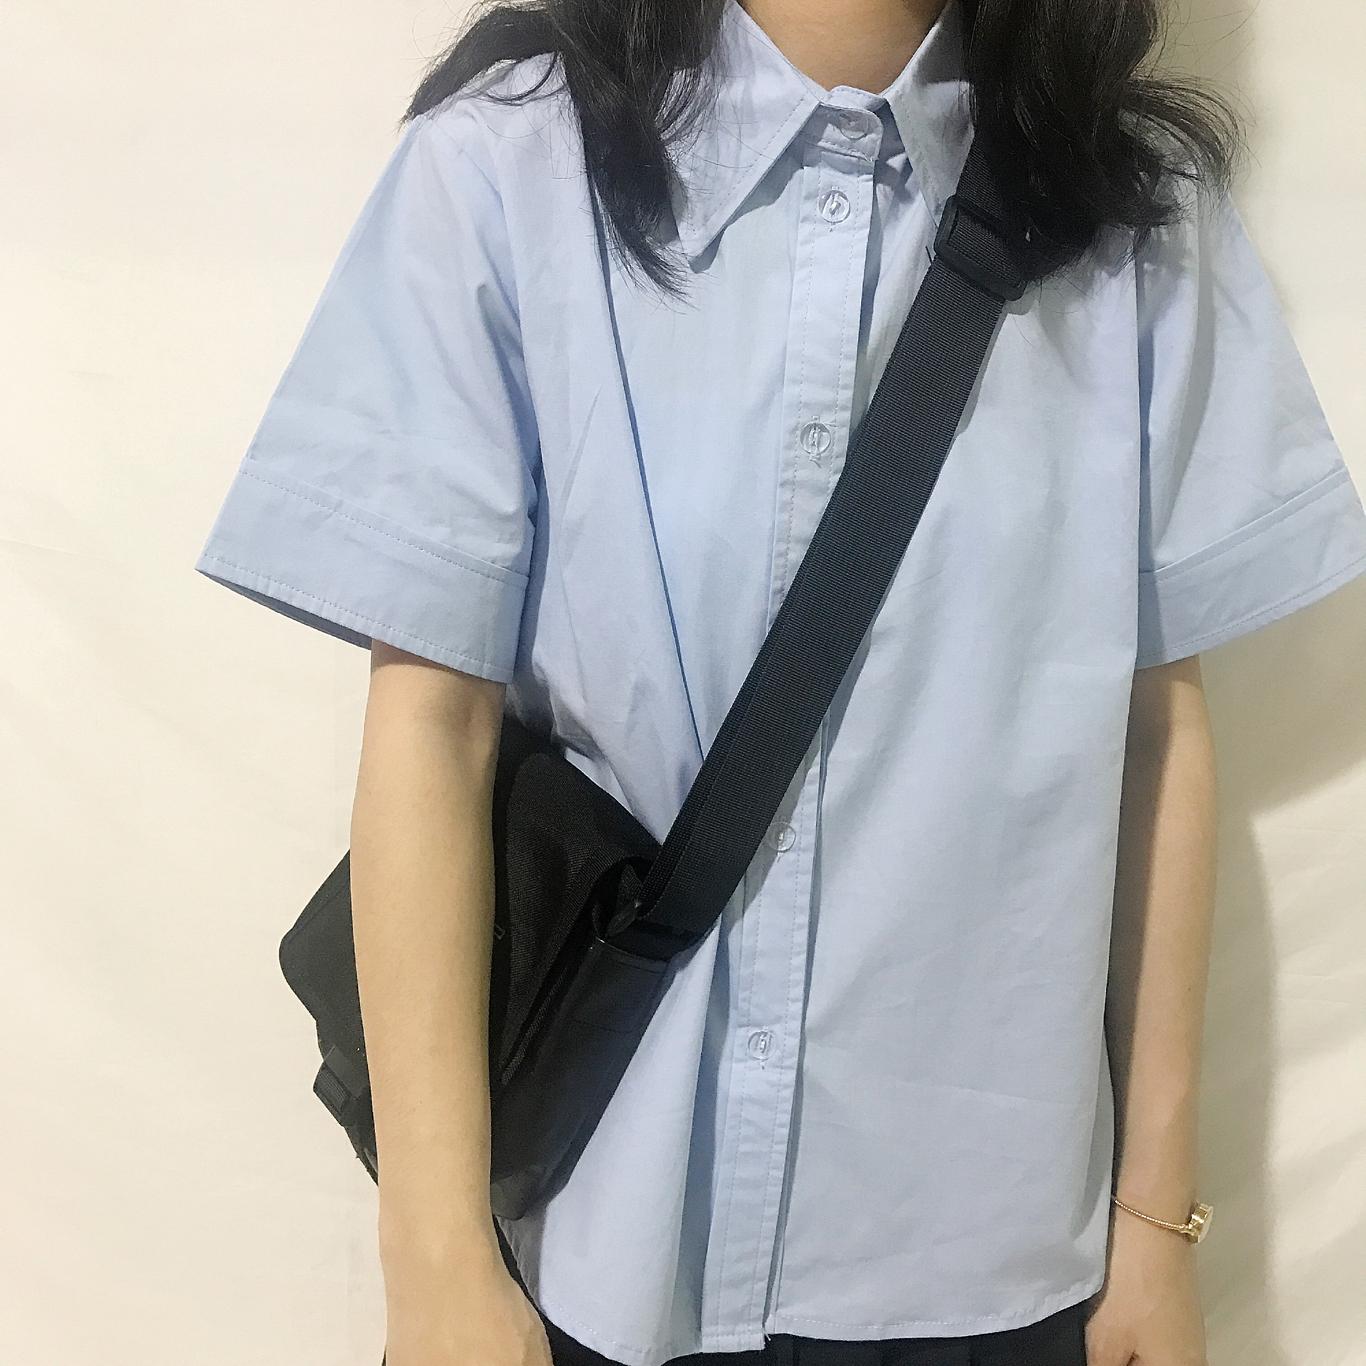 夏季2018纯棉蓝色尖领复古短袖衬衫女可爱日系少女学生衬衫jk百搭